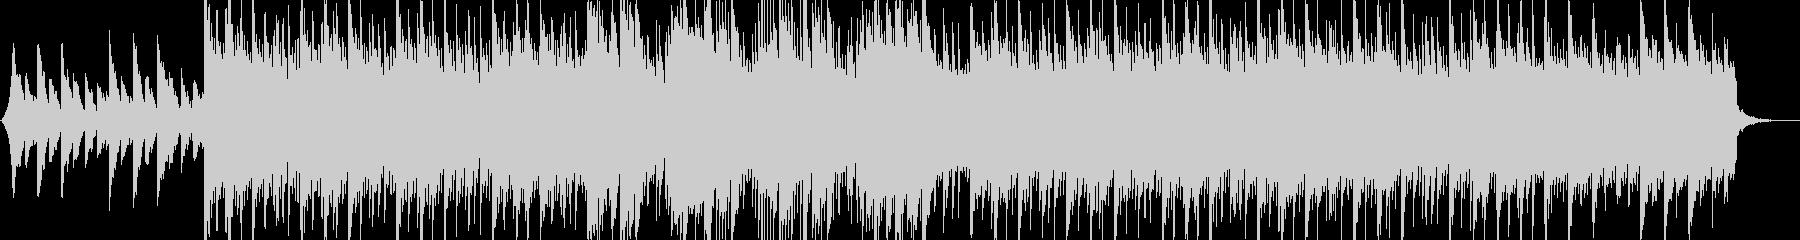 情緒溢れるピアノのヒップホップの未再生の波形